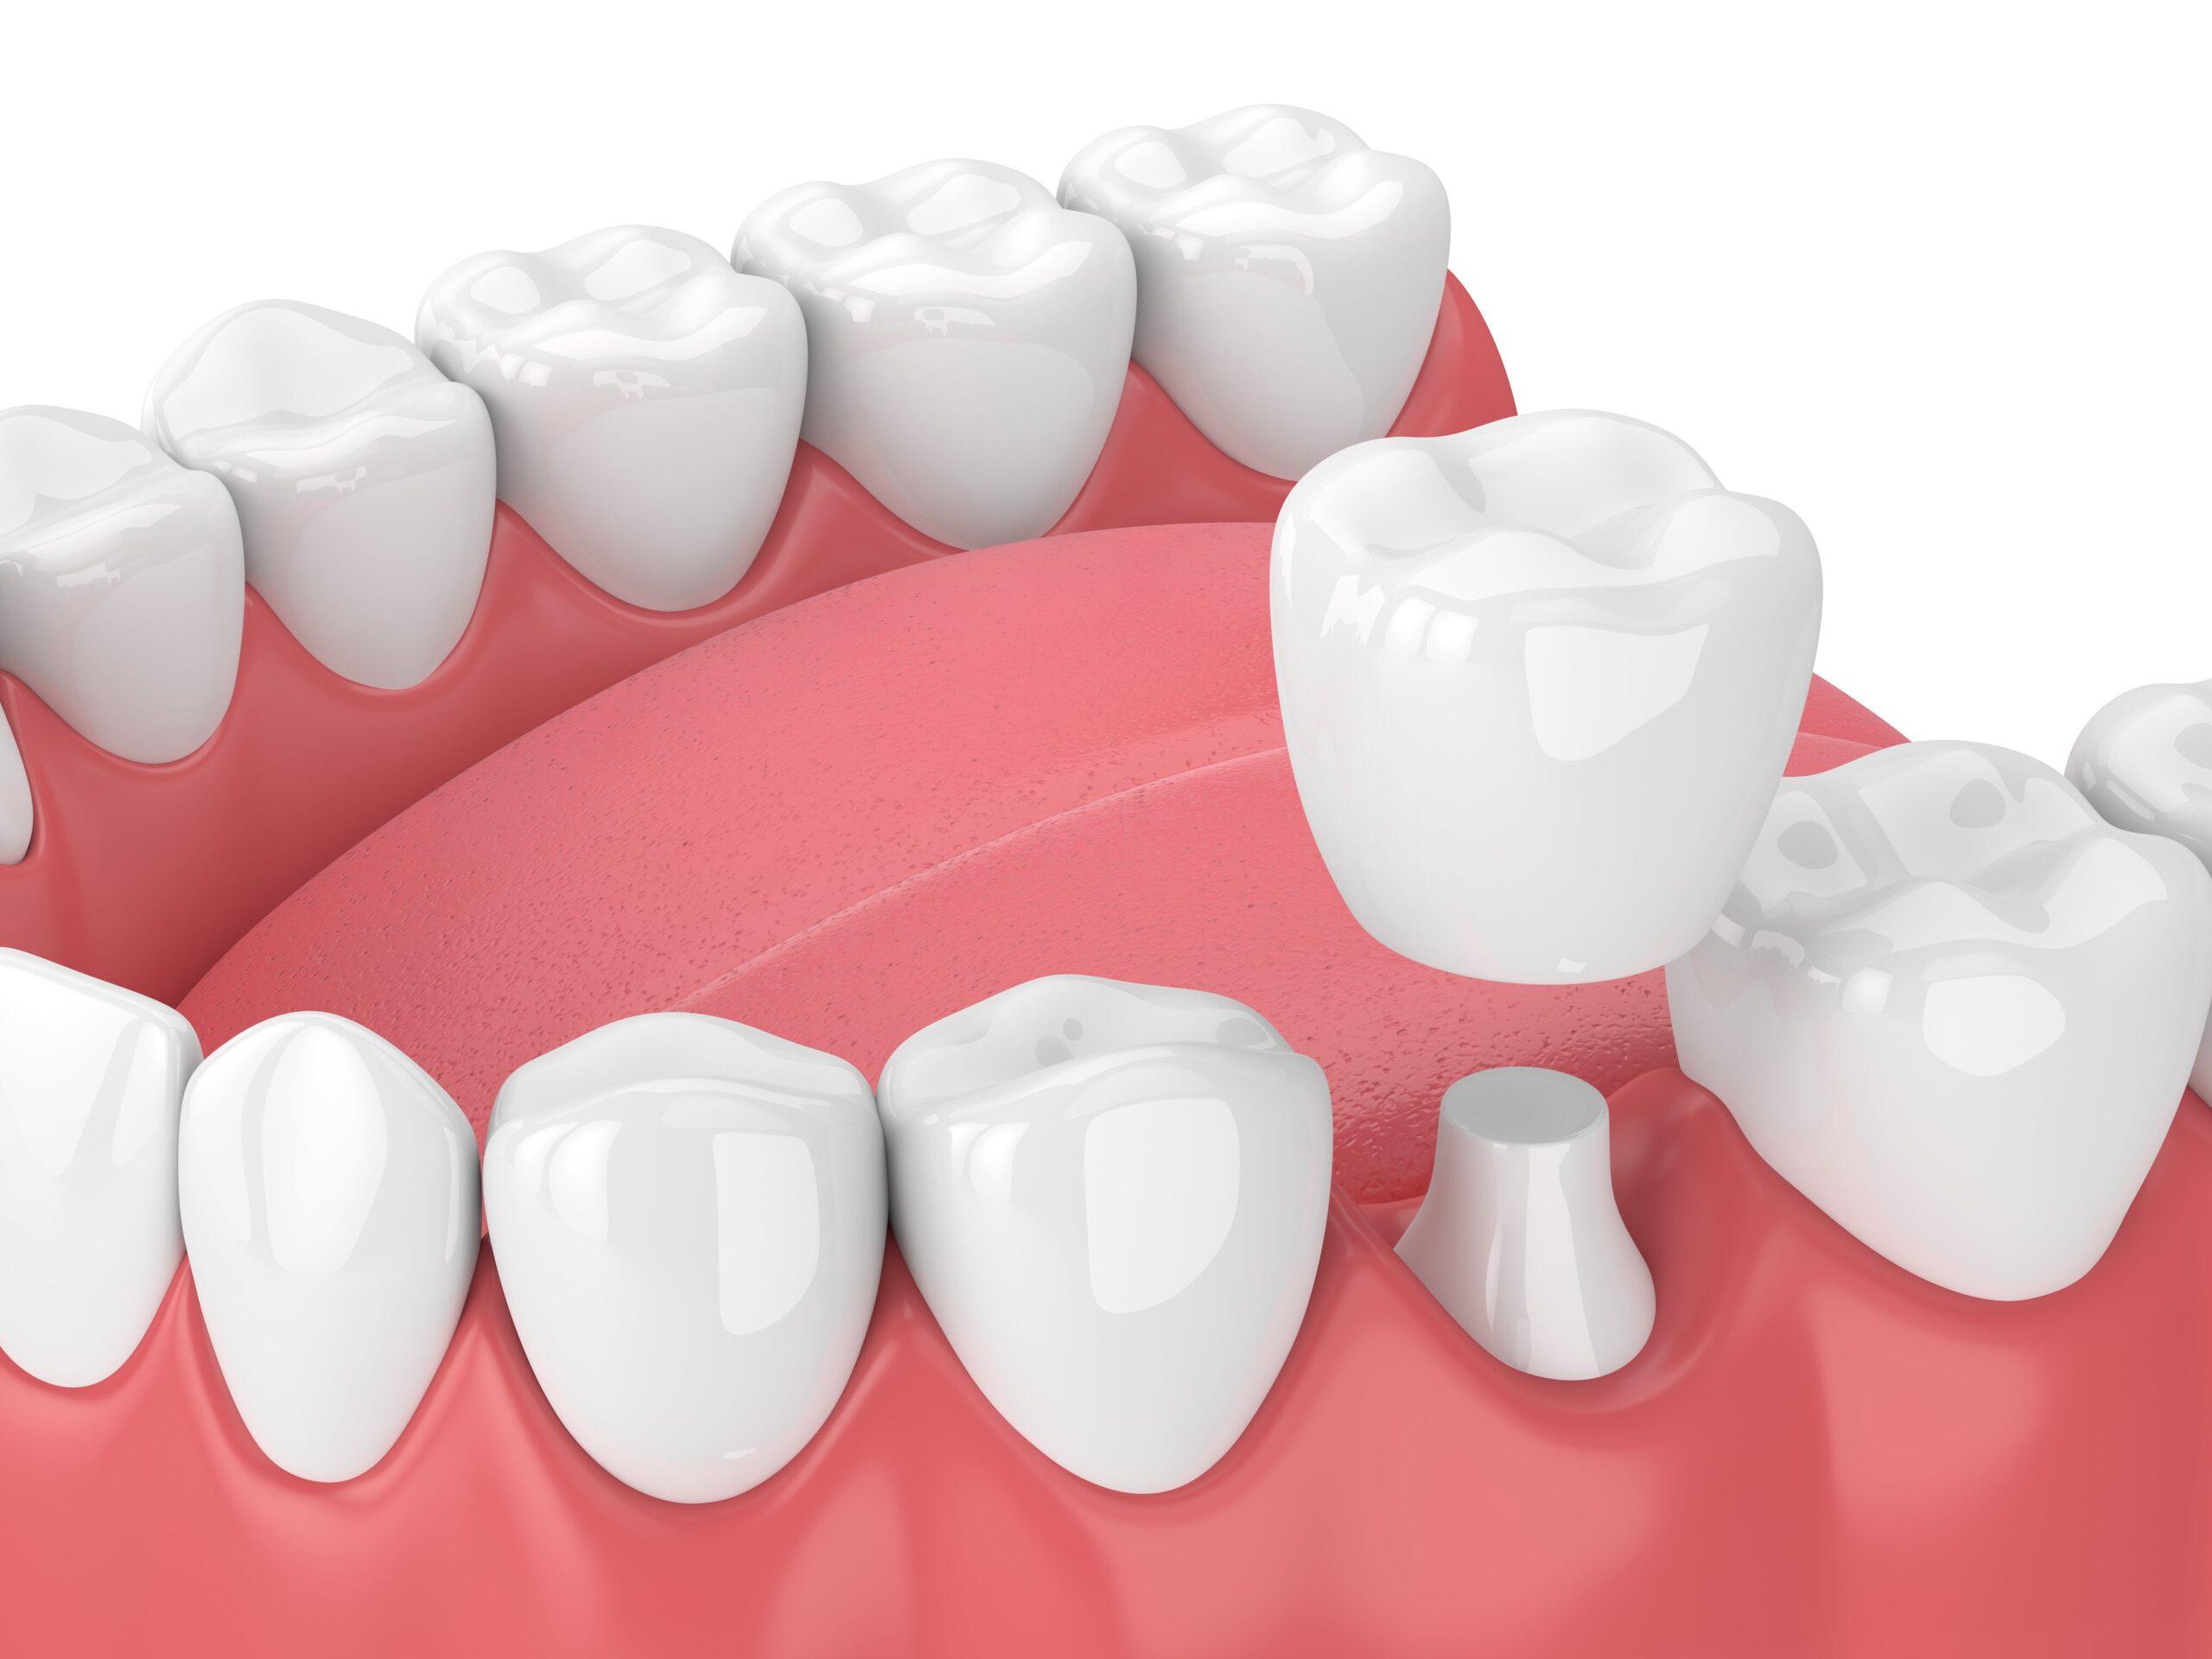 dental crown rendering